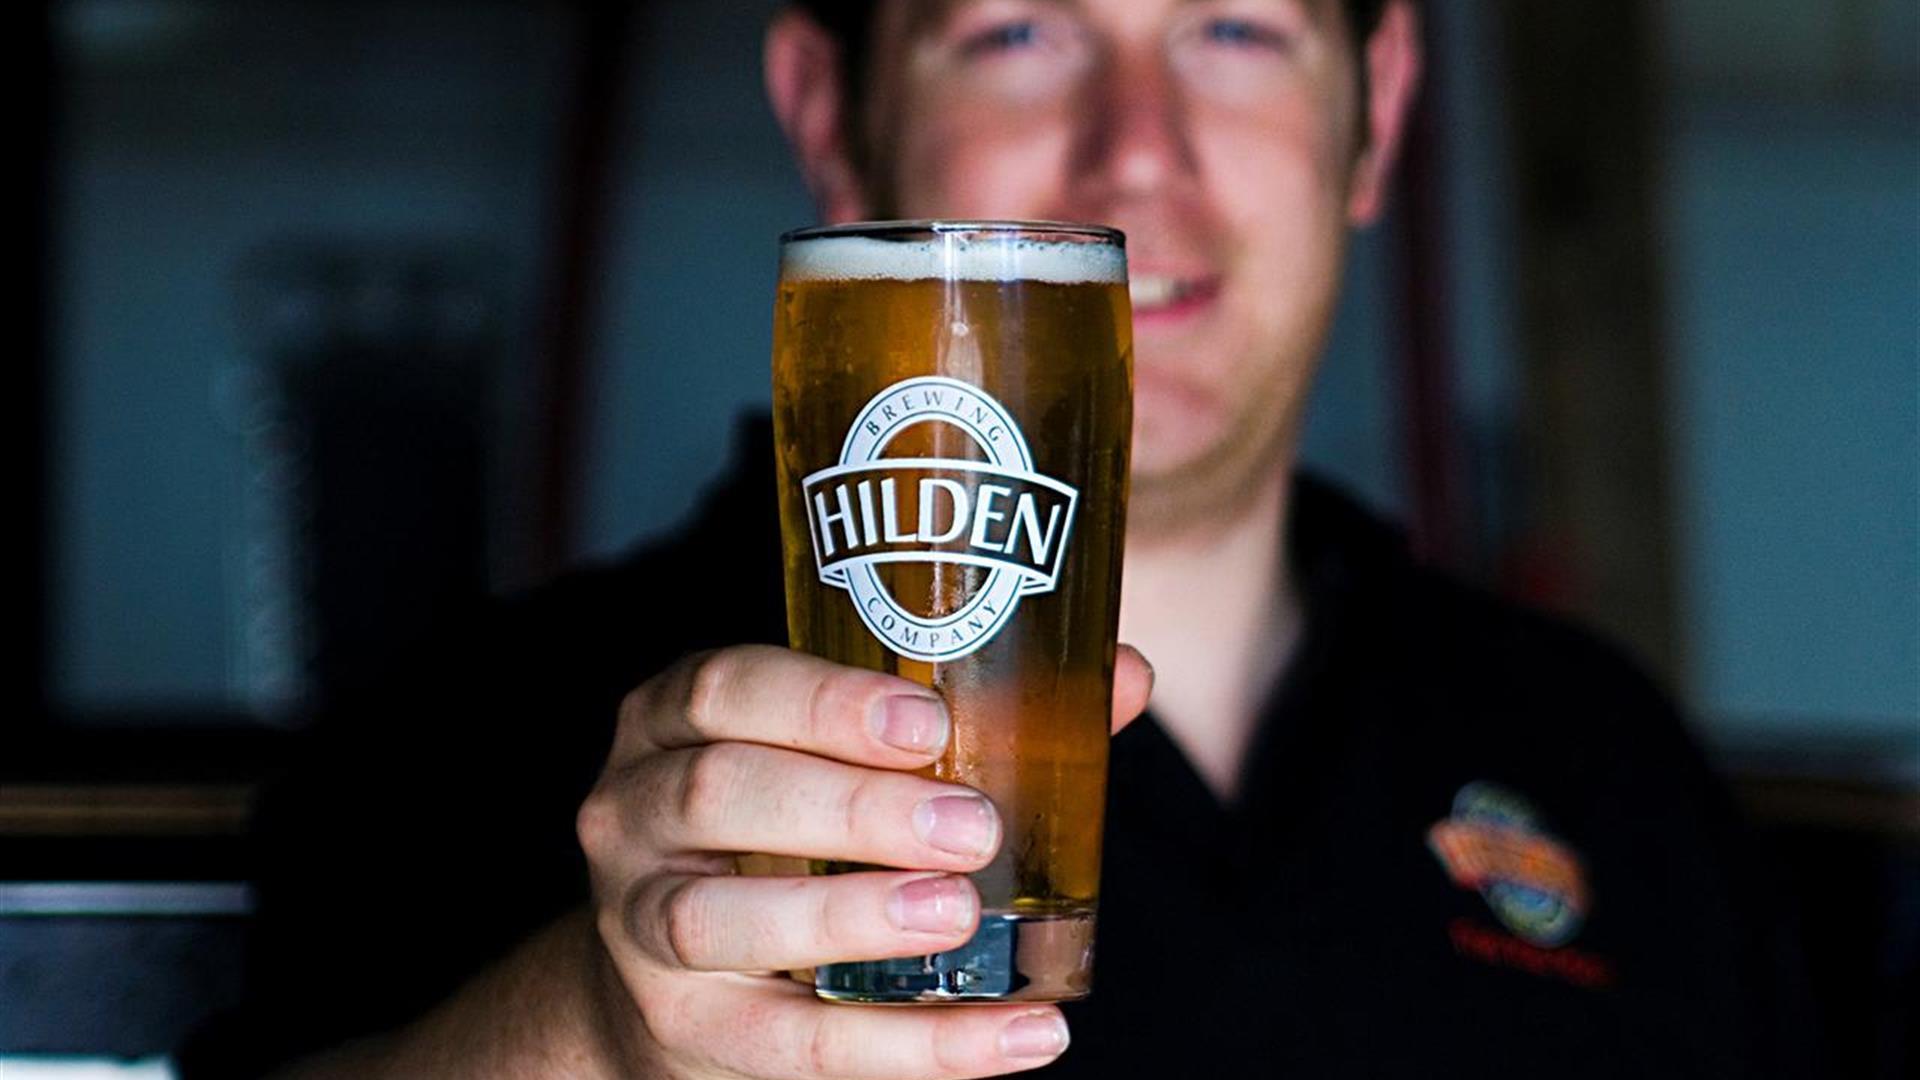 Hilden Brewery & Tap Room Restaurant